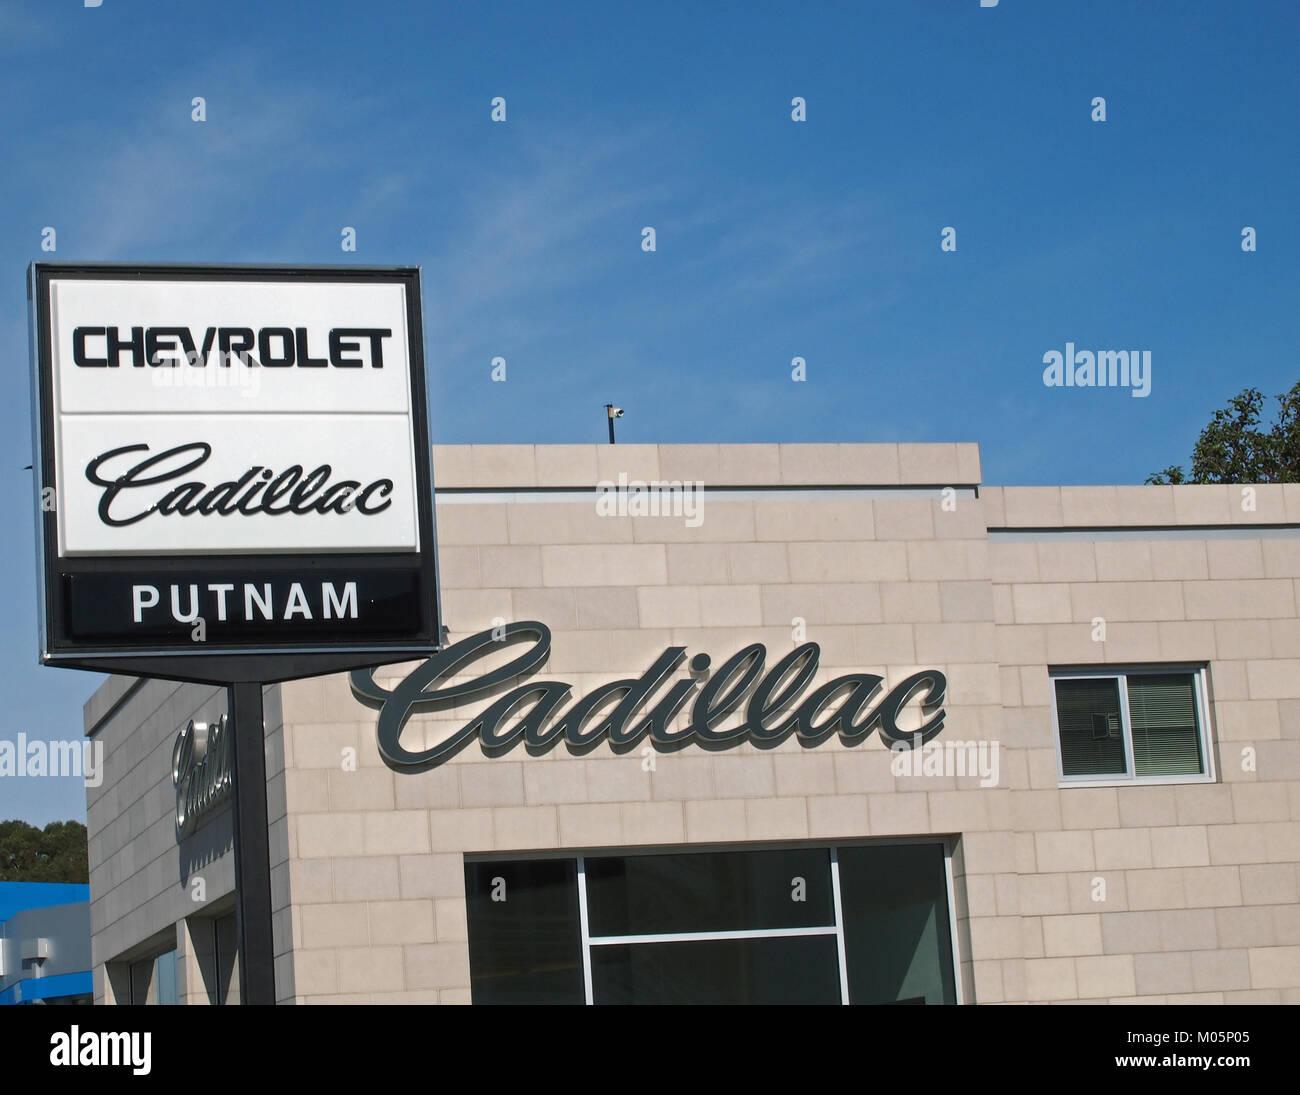 Car Dealership Usa Stock Photos & Car Dealership Usa Stock